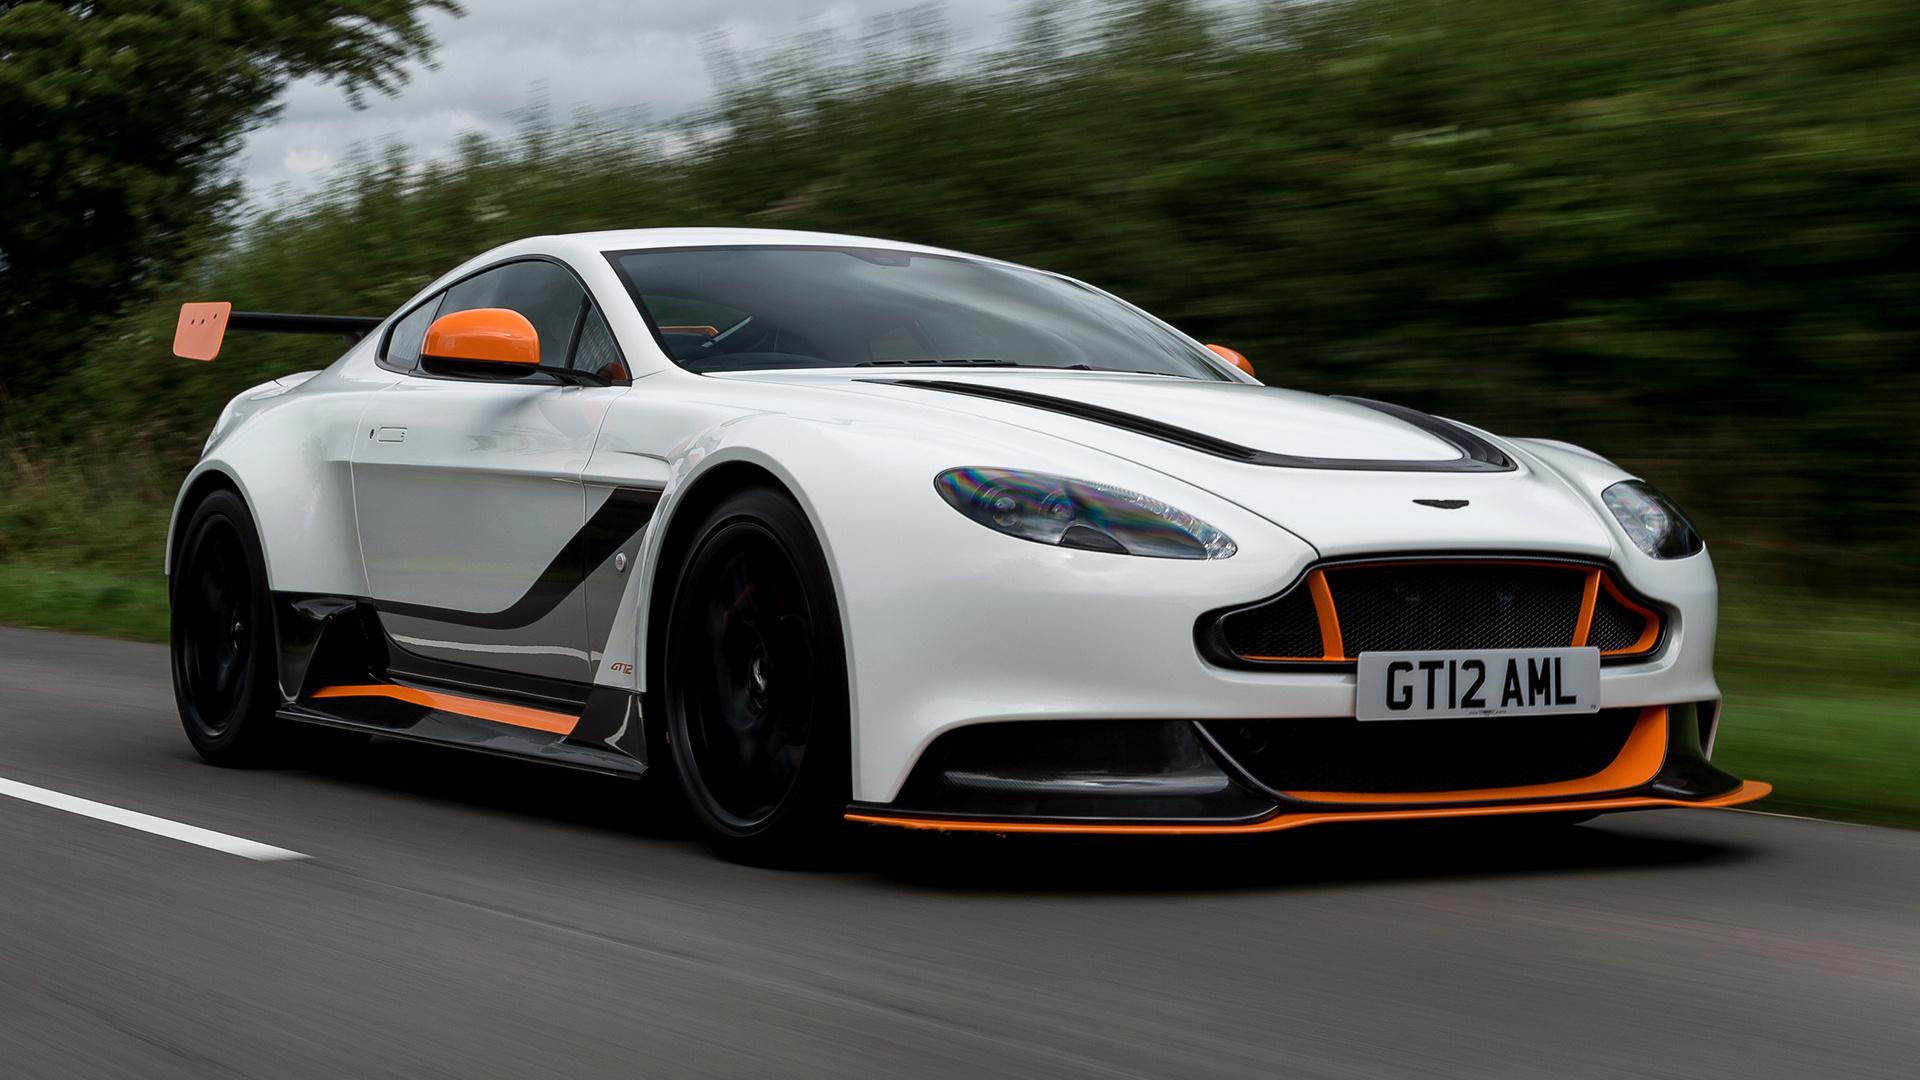 Aston Martin Vantage Gt Wallpaper Hd